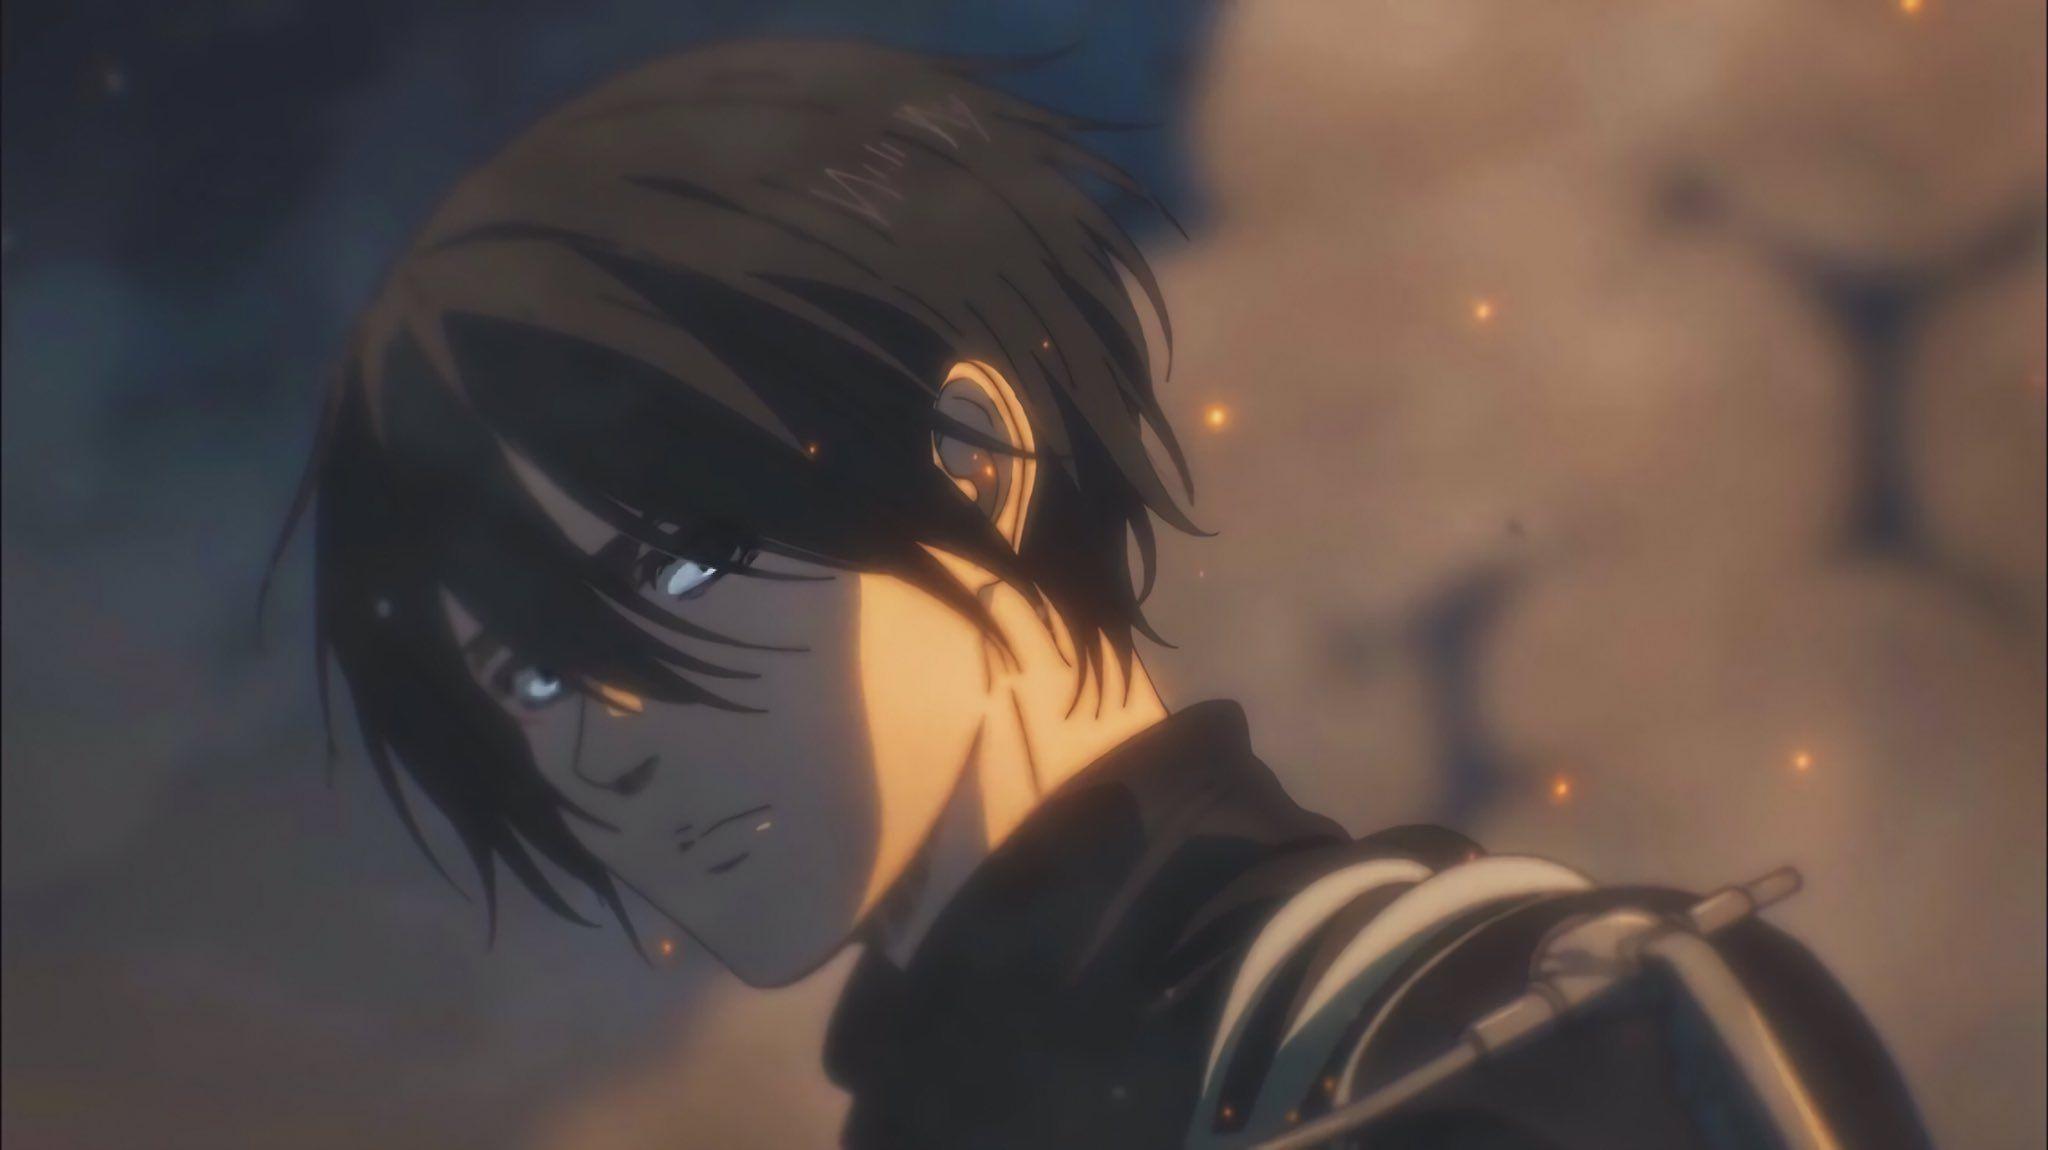 Mikasa S4 Is Stunning In 2020 Attack On Titan Anime Attack On Titan Mikasa